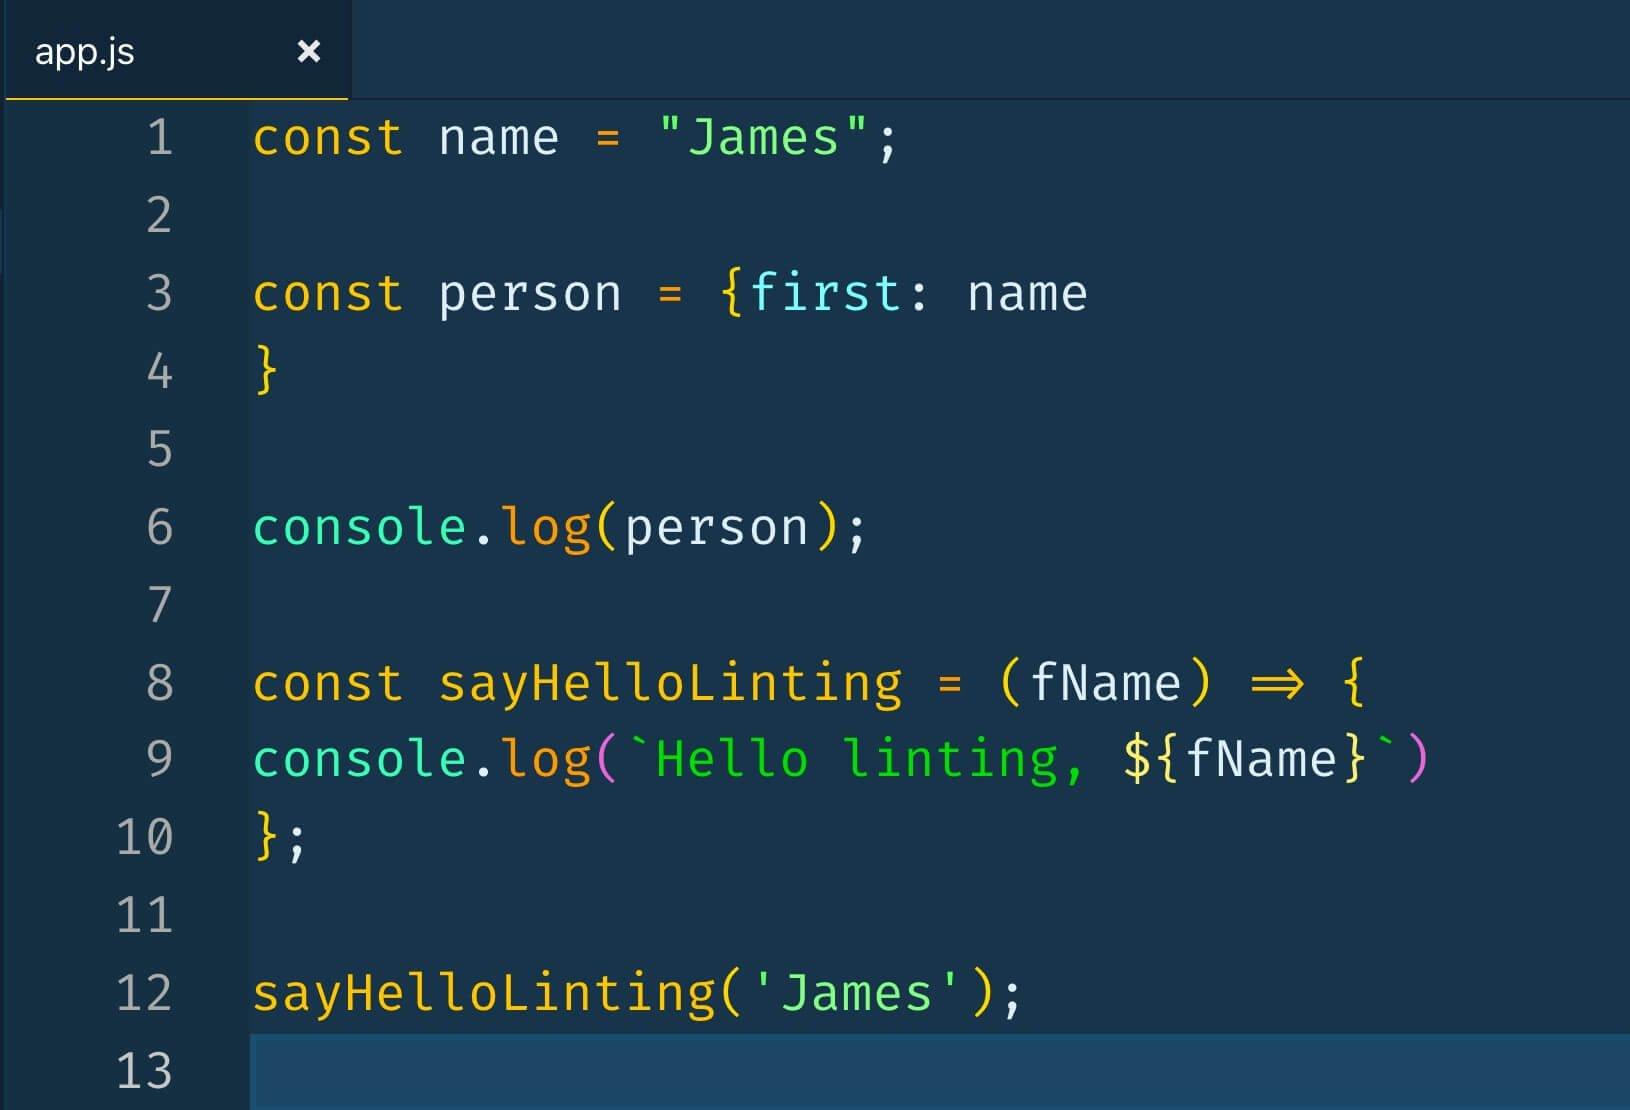 come creare un programma formattato con prettier